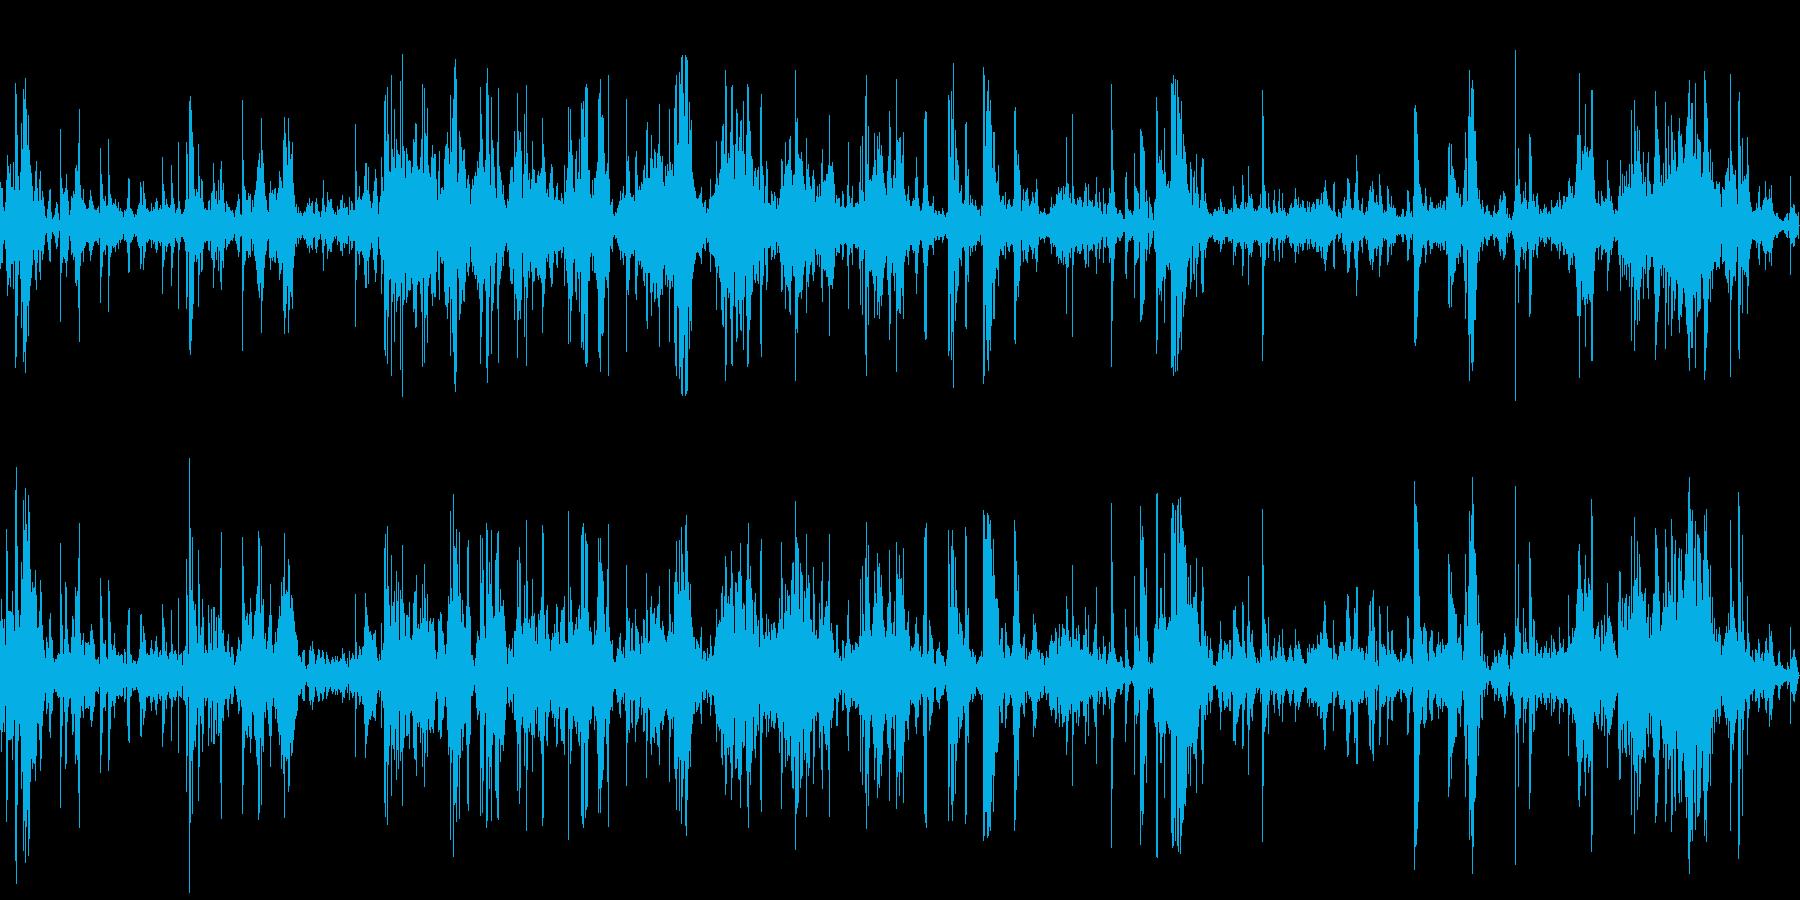 ガラクタの山をあさるの再生済みの波形